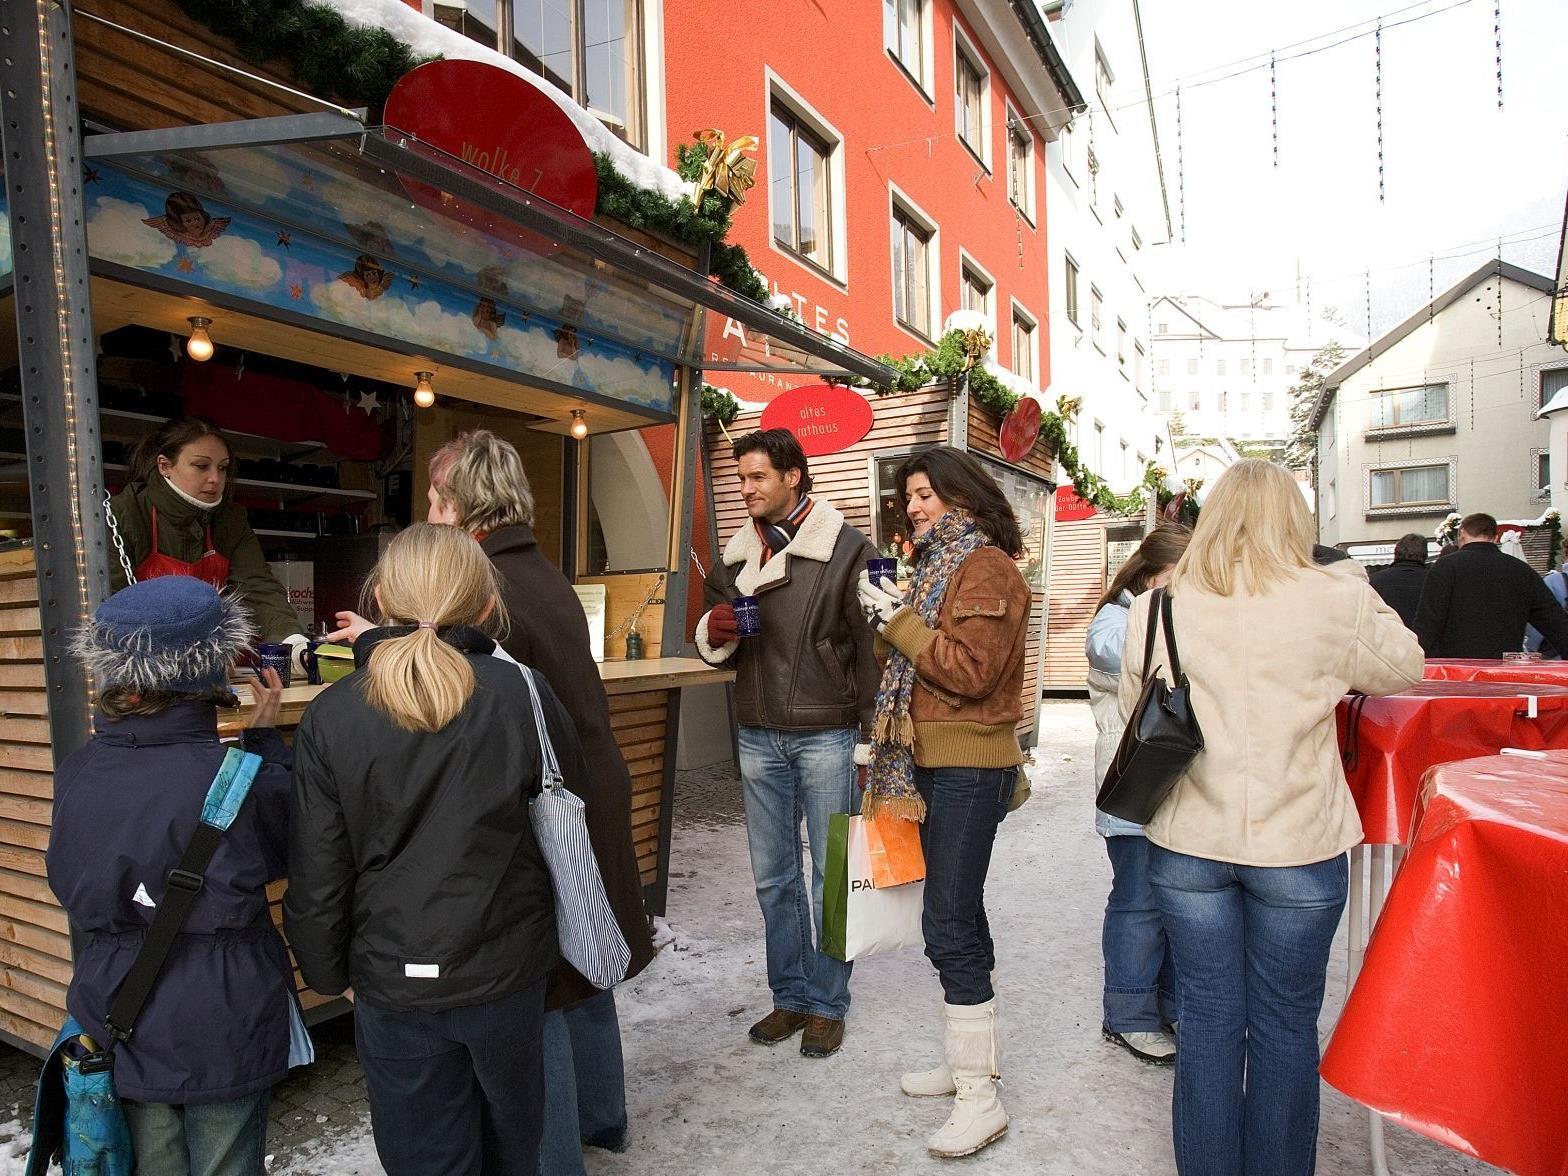 Zahlreiche Veranstaltungen finden im Rahmen  des Bludenzer Christkindlemarktes statt.